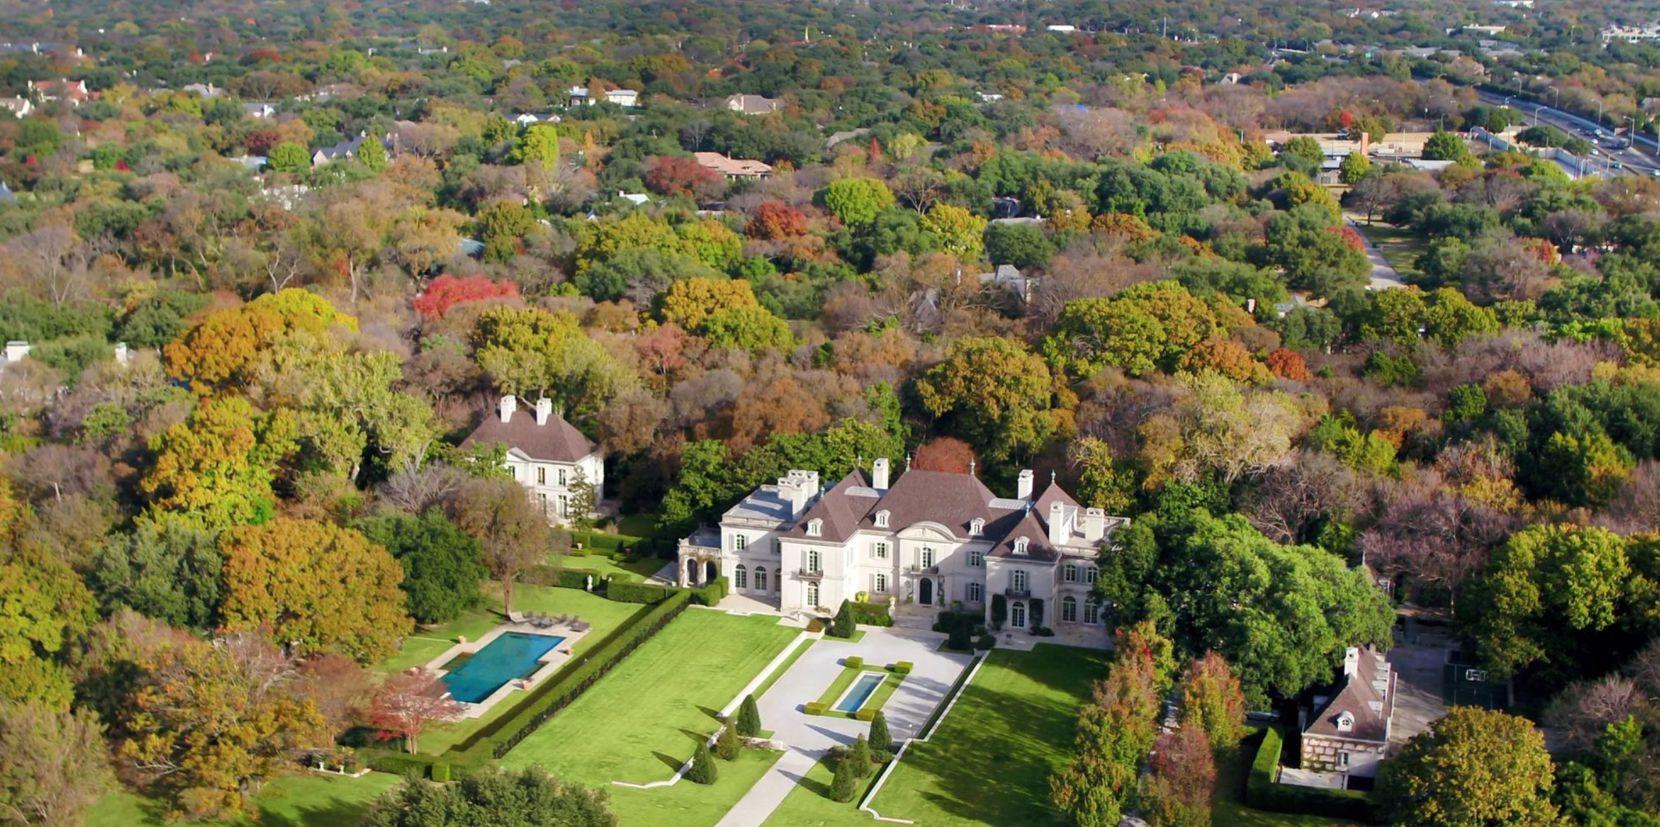 The former Hicks estate in North Dallas sold for $36.2 million.